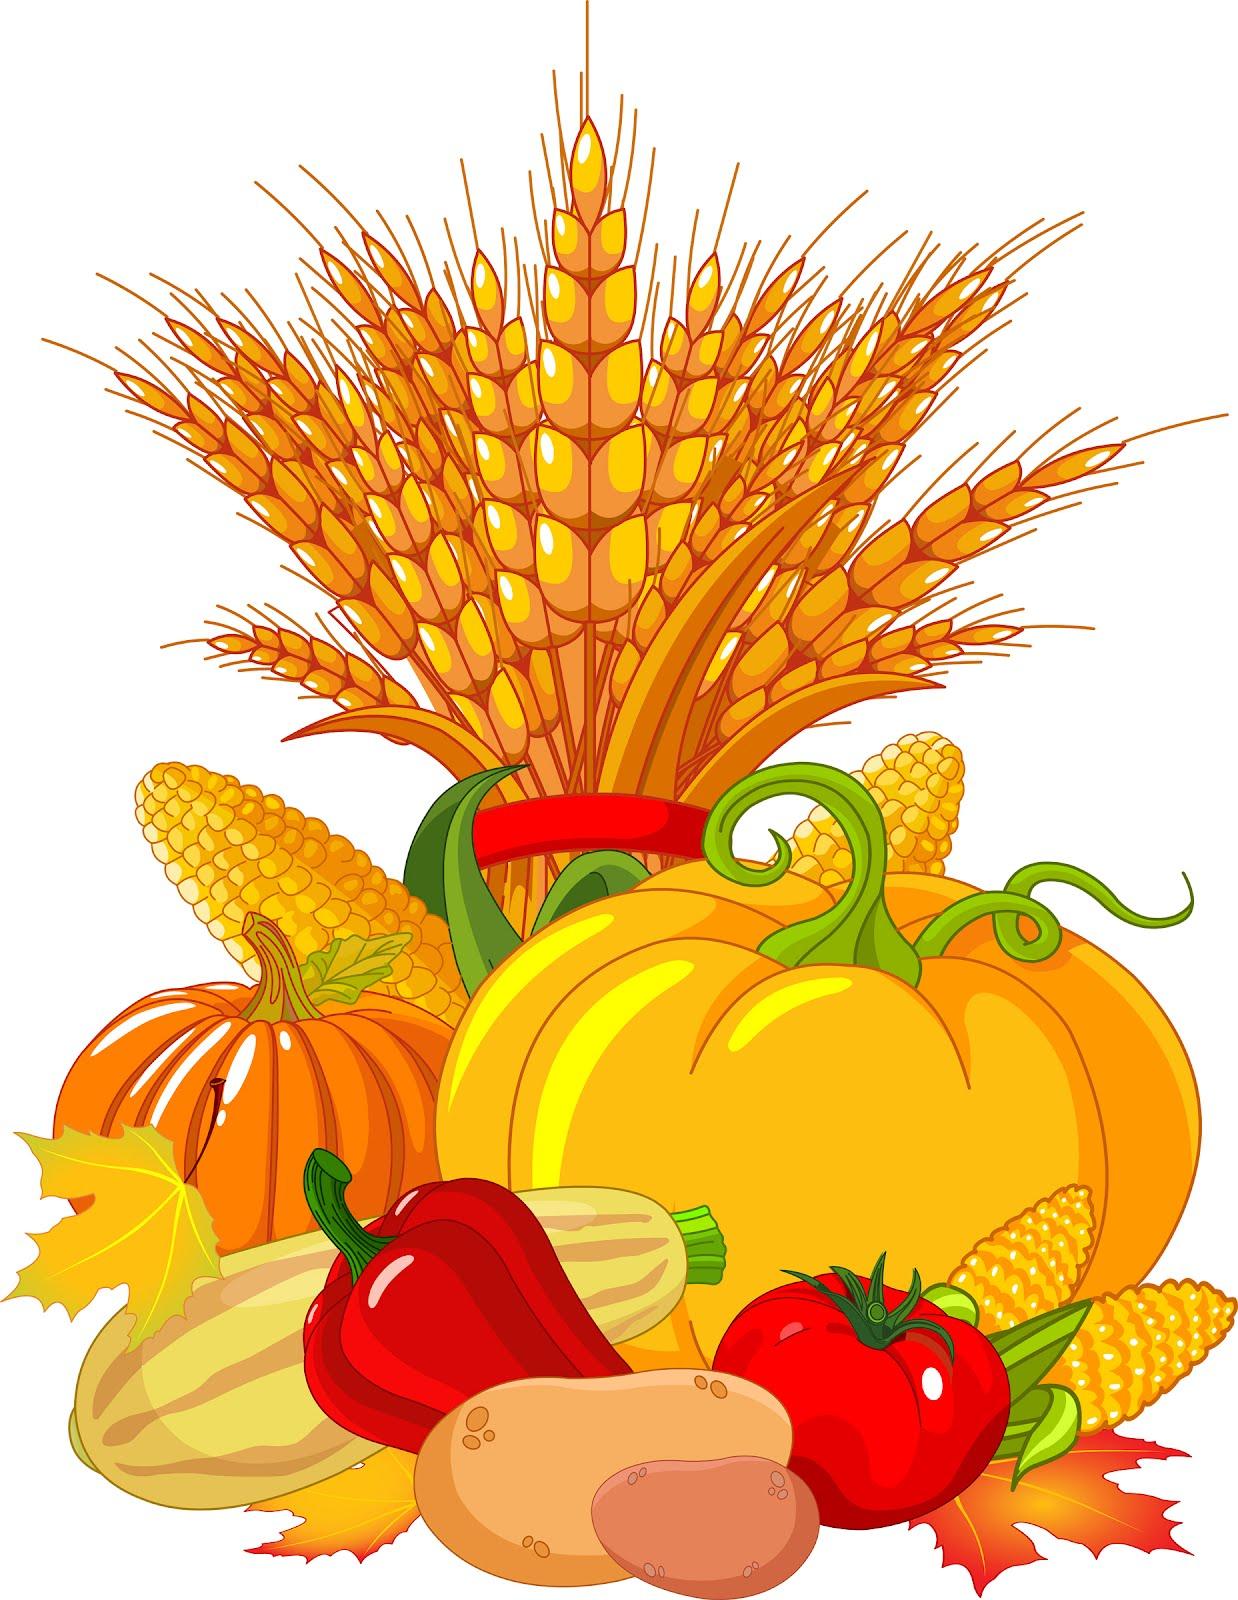 harvest-festival-clip-art-clipart-best-pkgKzC-clipart.jpeg